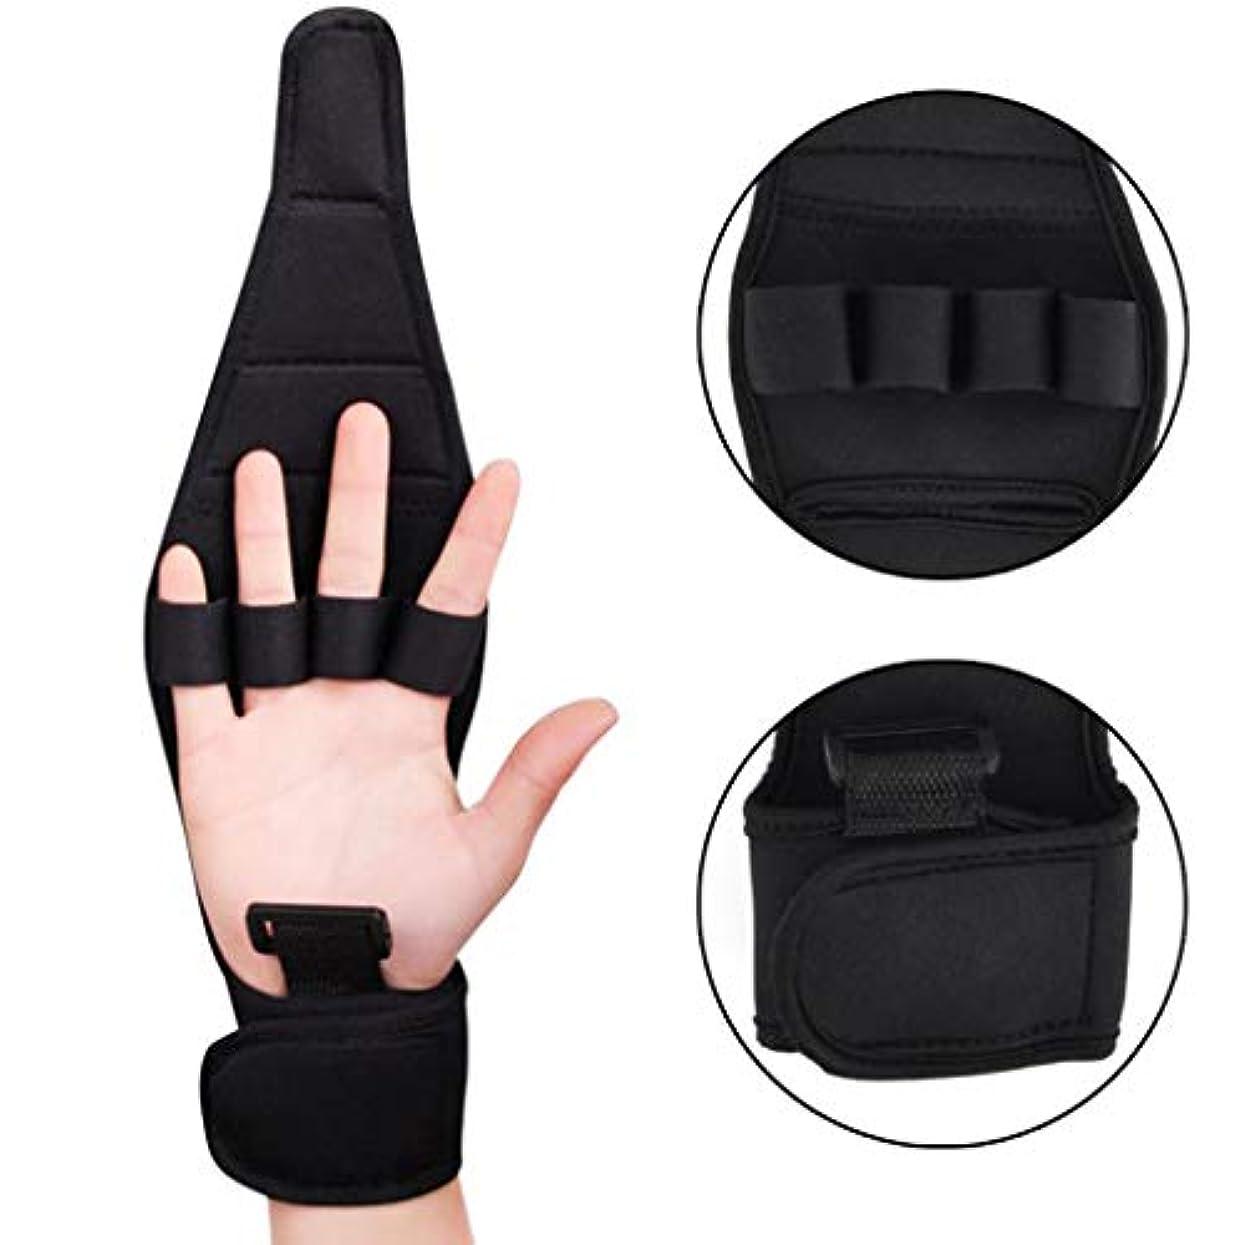 放置受け取る大胆な指の分離器 - 年配の片麻痺の指のリハビリテーションの訓練のために適した回復添え木の共同苦痛の訂正者,1pcs